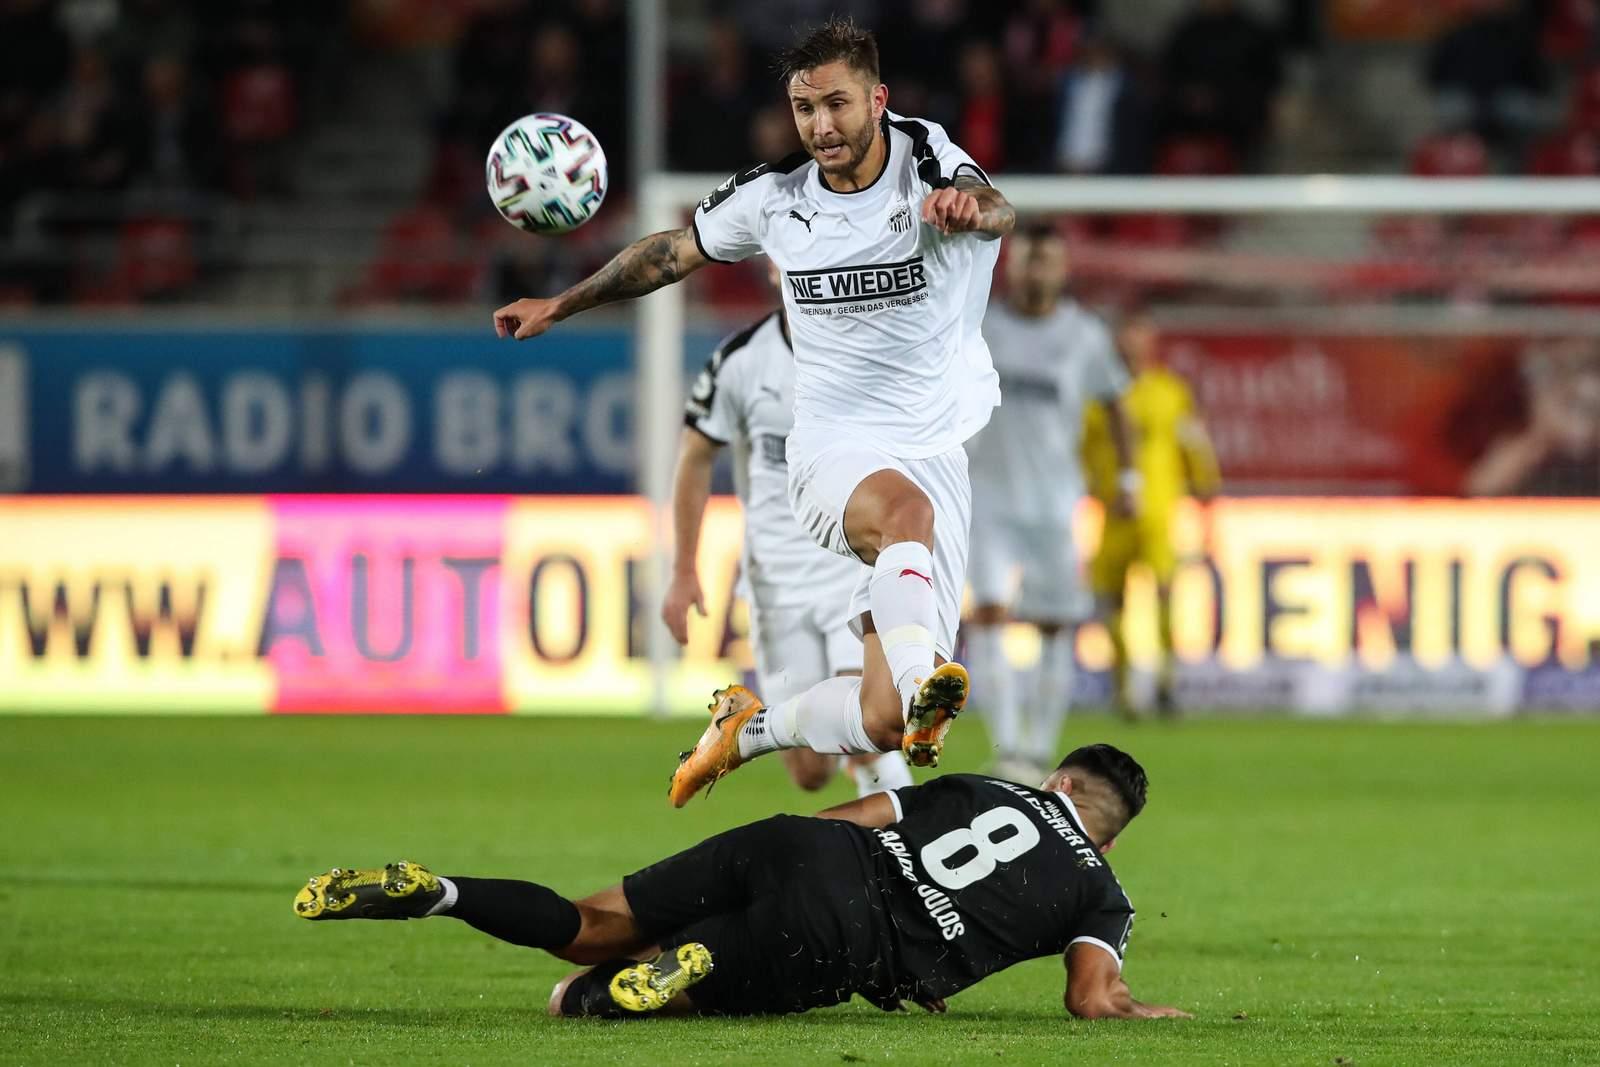 Felix Drinkuth vom FSV Zwickau springt über einen Gegenspieler